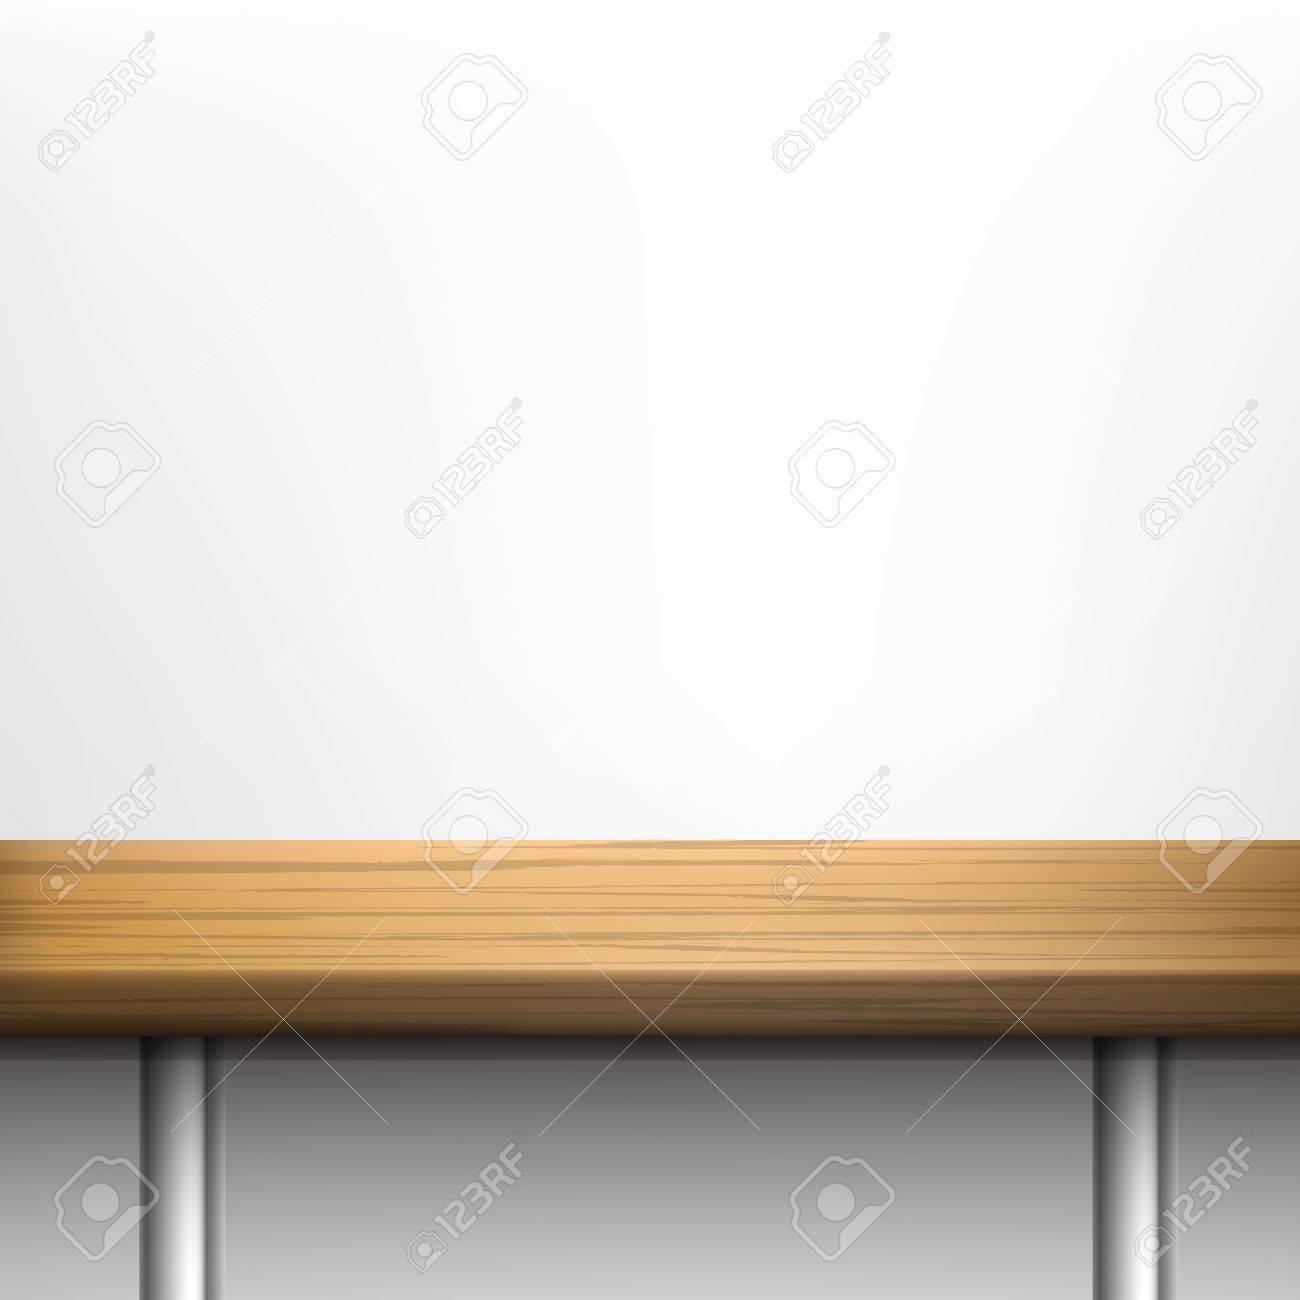 Weiße Wand Hintergrund Mit Holztisch Auf Metallbeinen Vektor Set